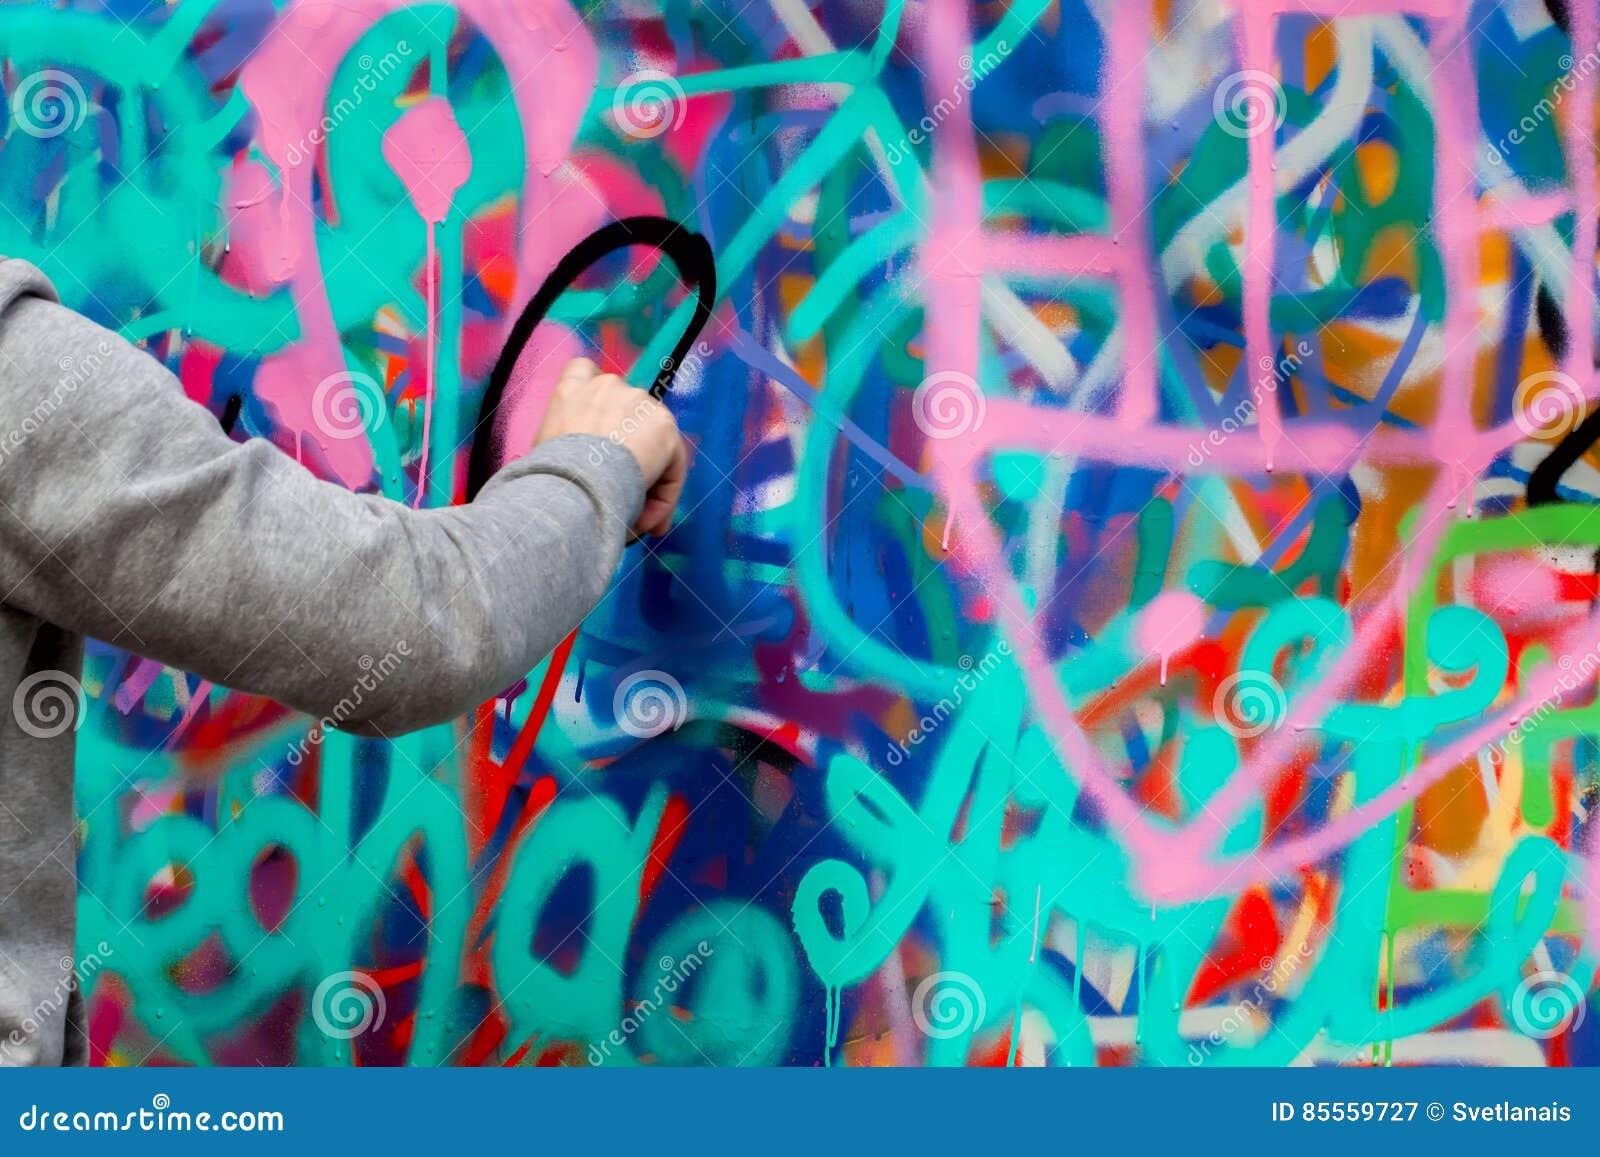 Nahaufnahmearm des jungen Kerls bunte Graffiti auf der Wand zeichnend Konzeptzeitgenossekultur